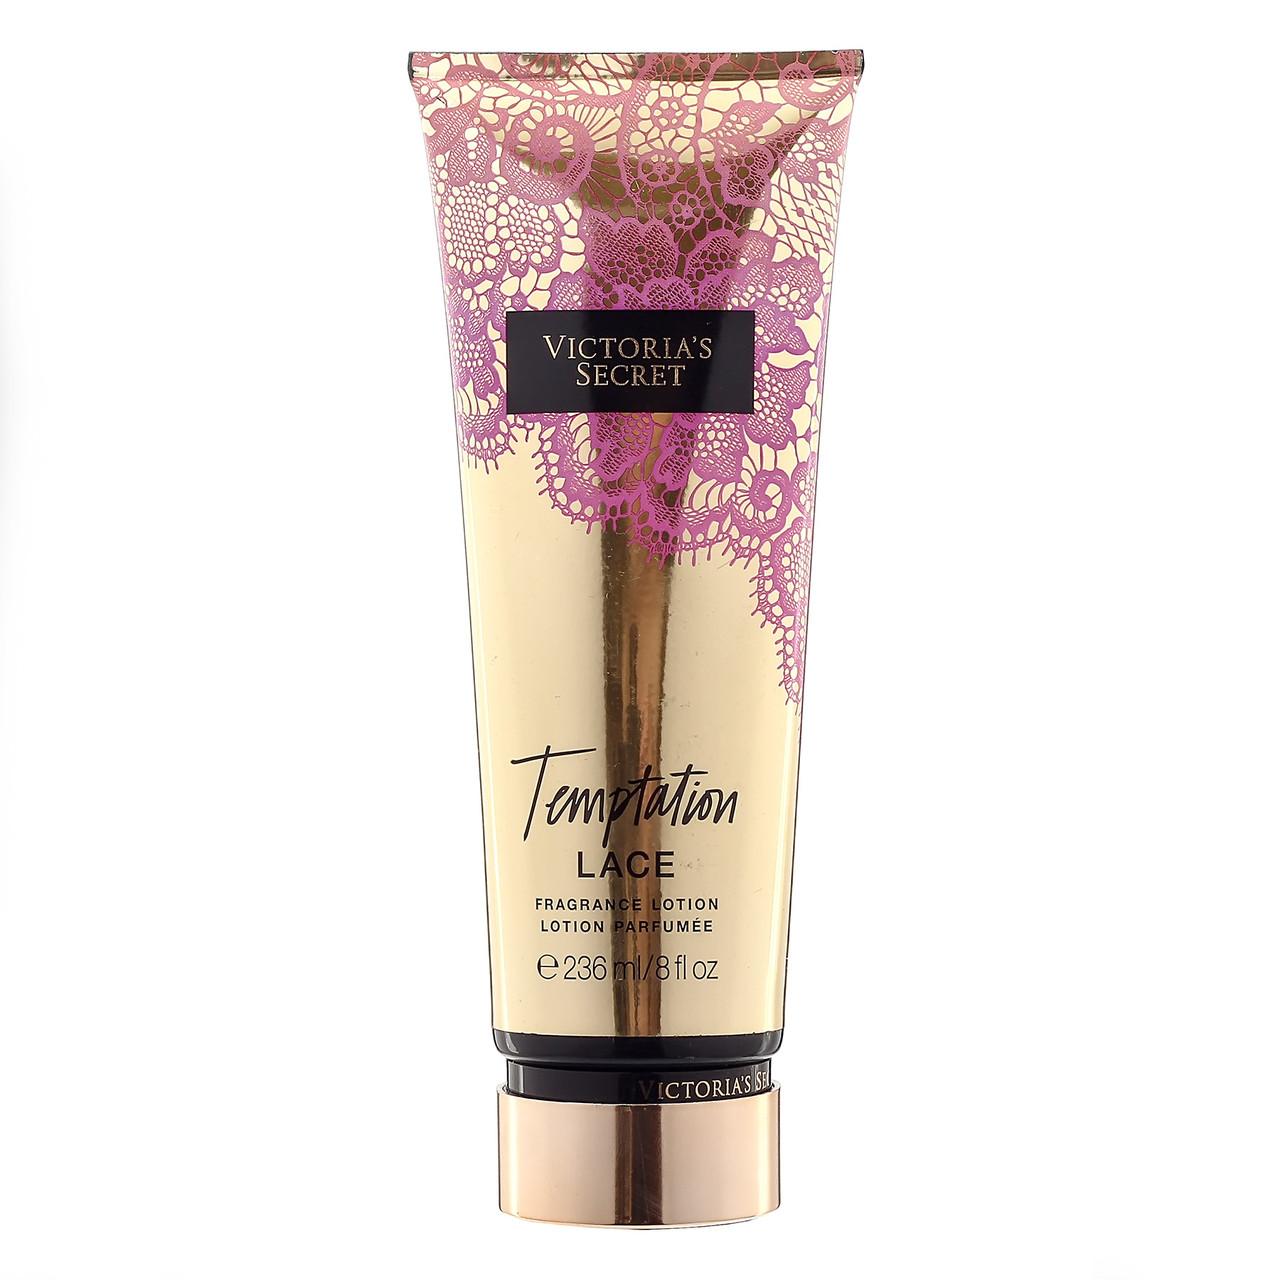 87c3e1781fdcf Лосьон для тела парфюмированный Victoria's Secret Temptation Lace, 236 мл,  цена 115,94 грн., купить в Харькове — Prom.ua (ID#955917810)